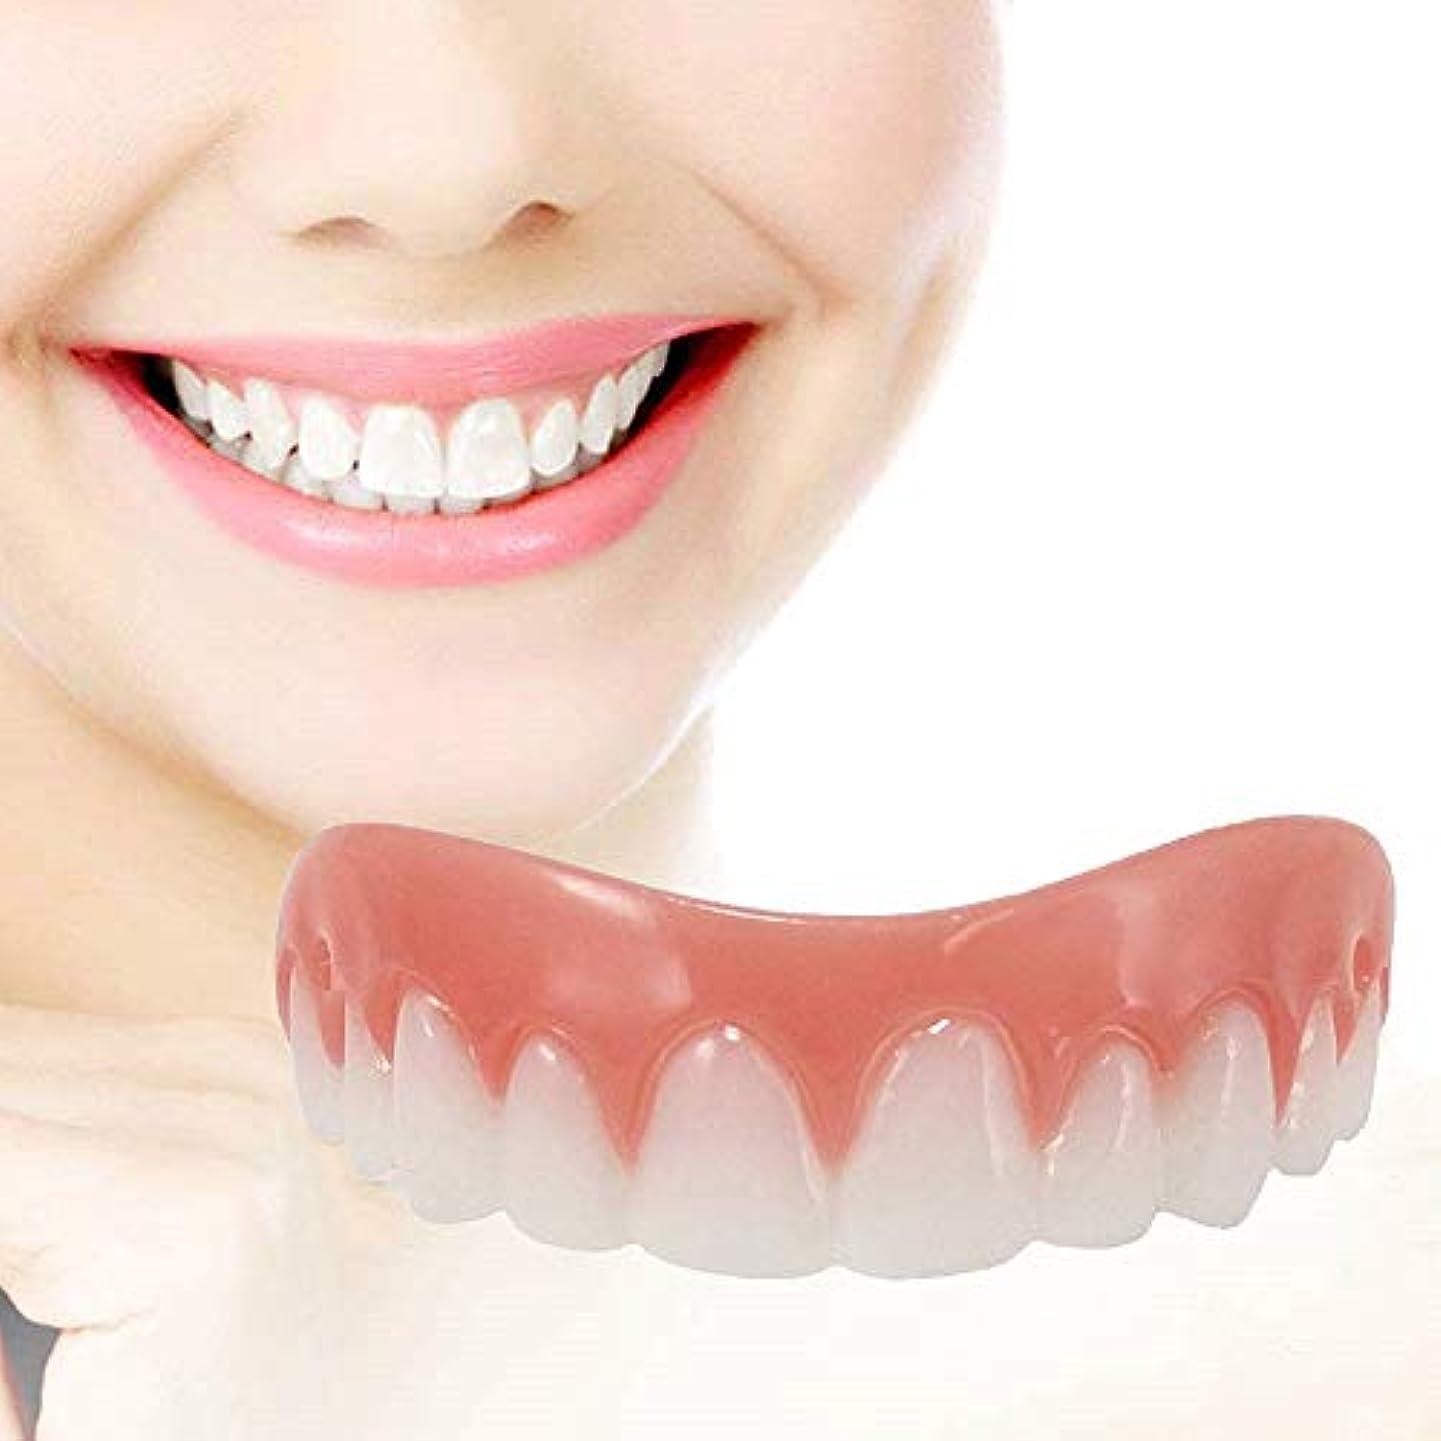 茎禁止するネット女性、人のために白くなる即刻のベニヤの義歯の微笑の慰めの適合の屈曲の化粧品の偽歯